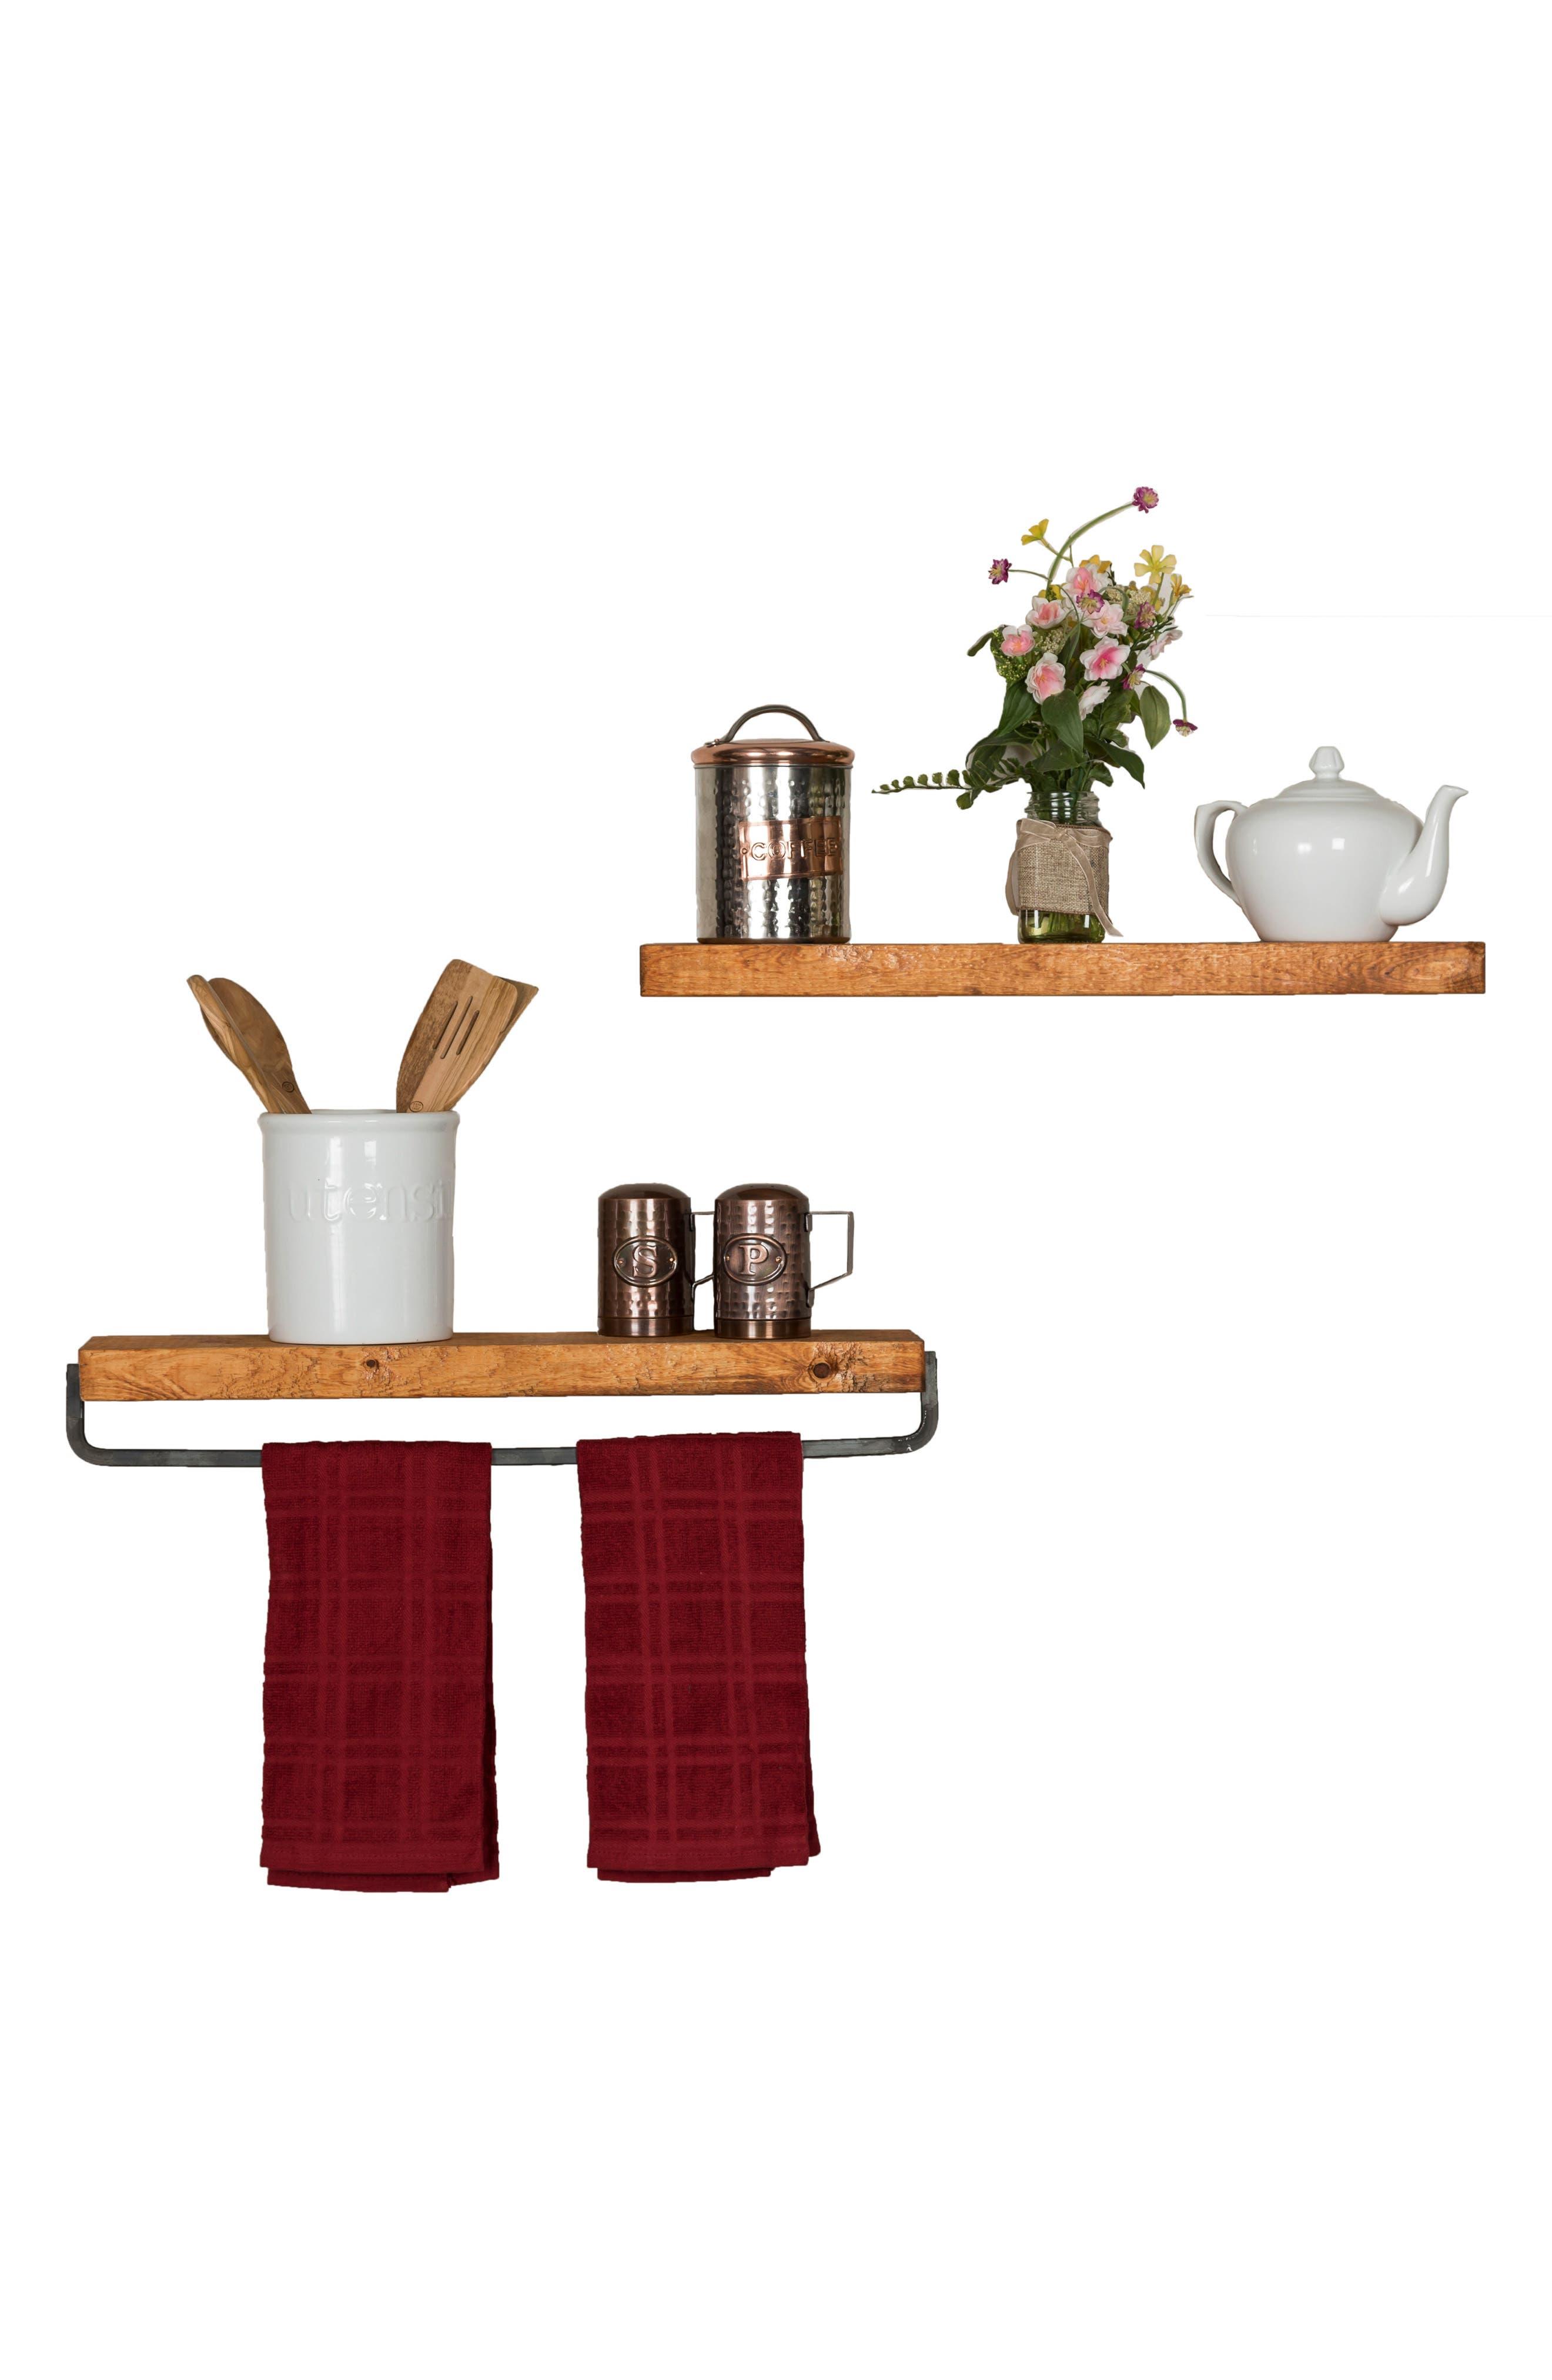 Alternate Image 3  - (del)Hutson Designs Set of 2 Floating Shelves with Towel Rack